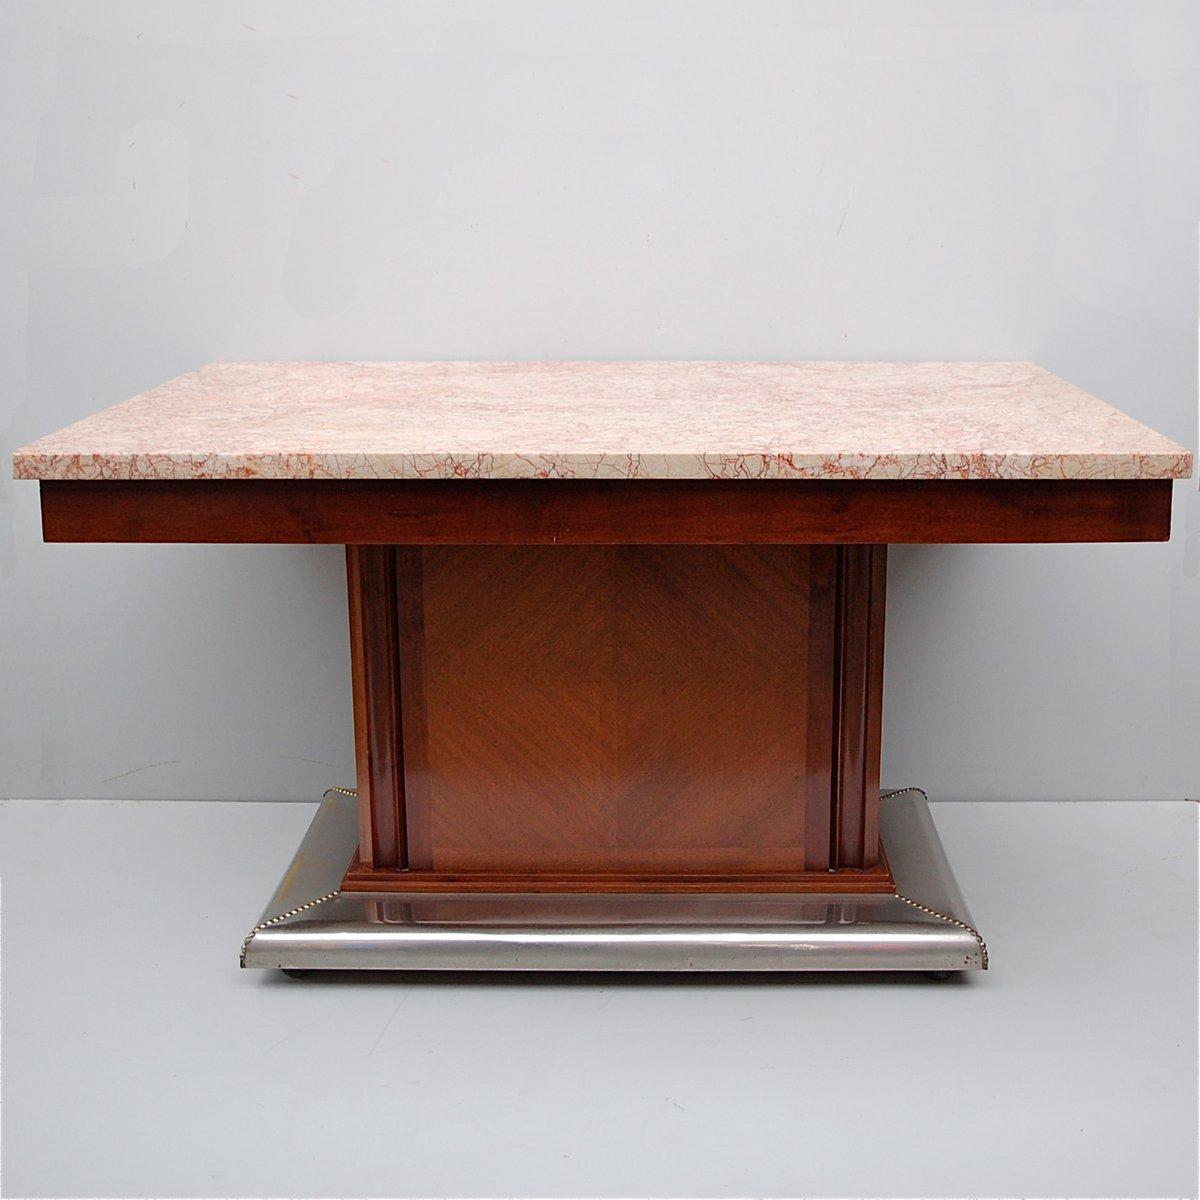 art deco marmor und metall esstisch bei pamono kaufen. Black Bedroom Furniture Sets. Home Design Ideas